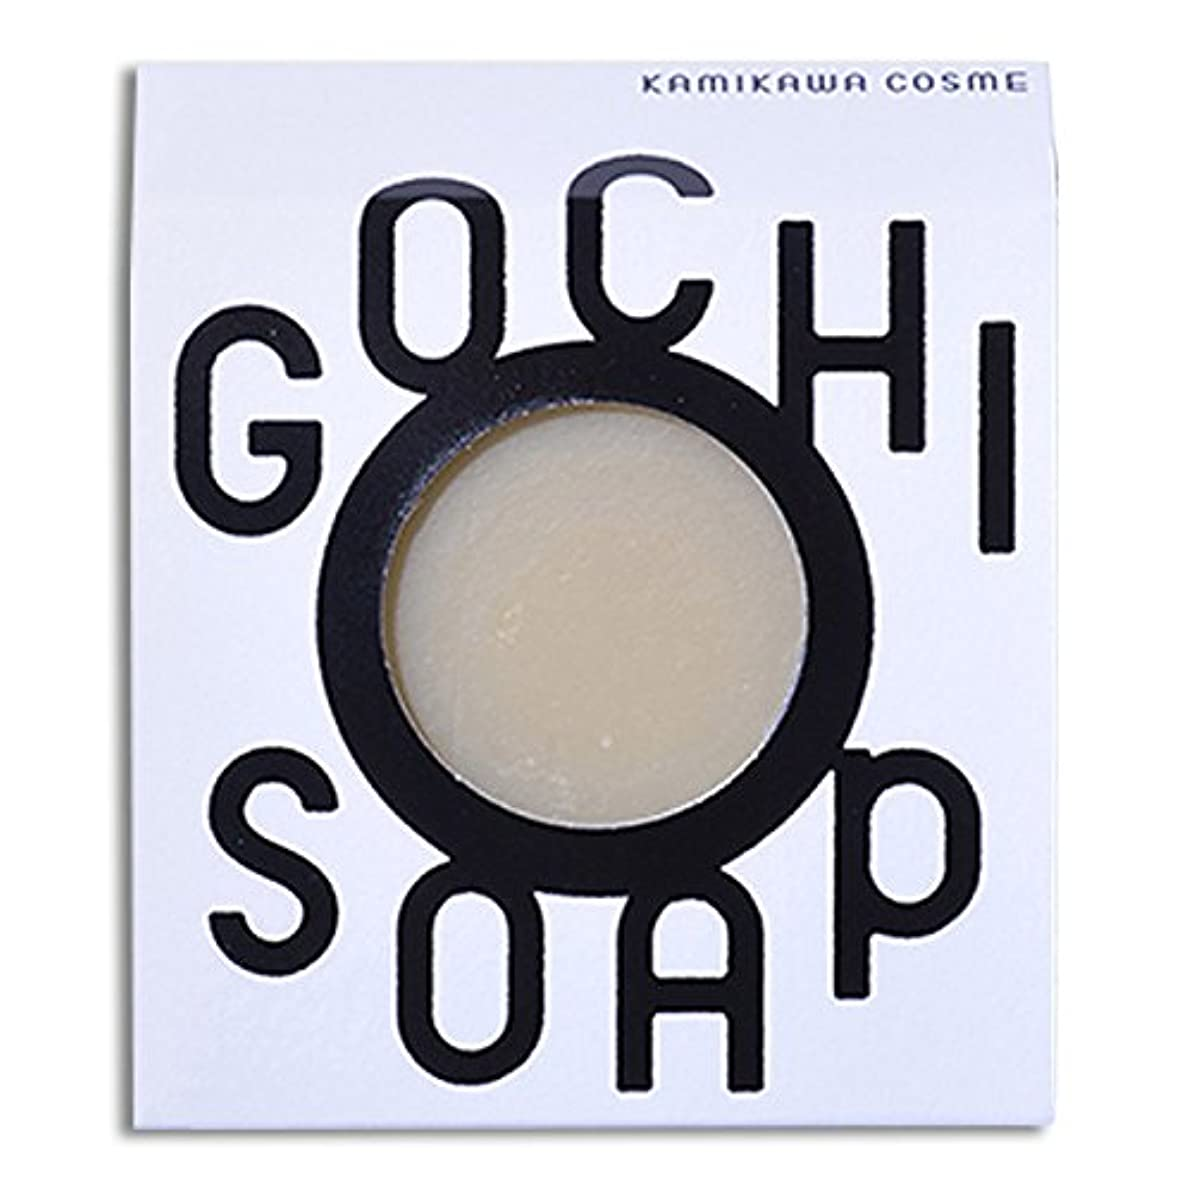 ずるい組み立てる川道北の素材を使用したコスメブランド GOCHI SOAP(伊勢ファームの牛乳ソープ?平田こうじ店の米糀ソープ)各1個セット